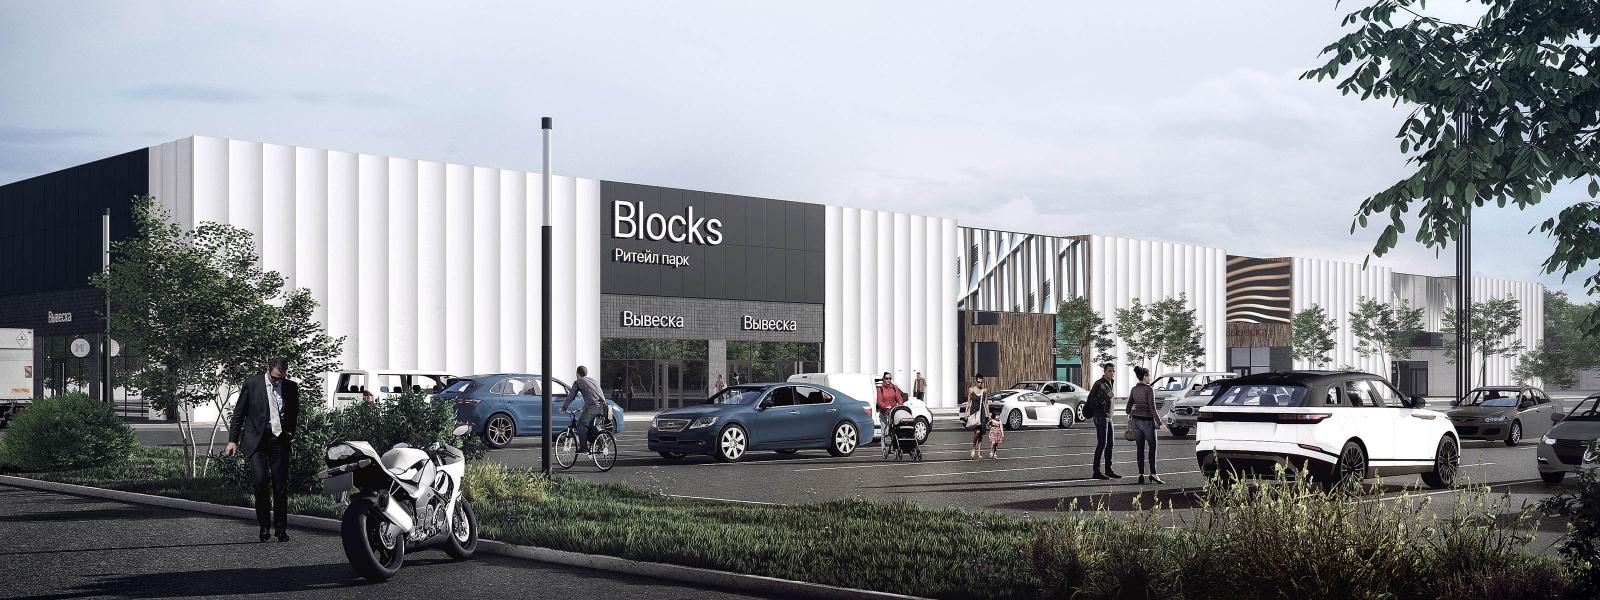 work-Торговый комплекс Blocks в Новокузнецке, по ул. Хлебозаводская